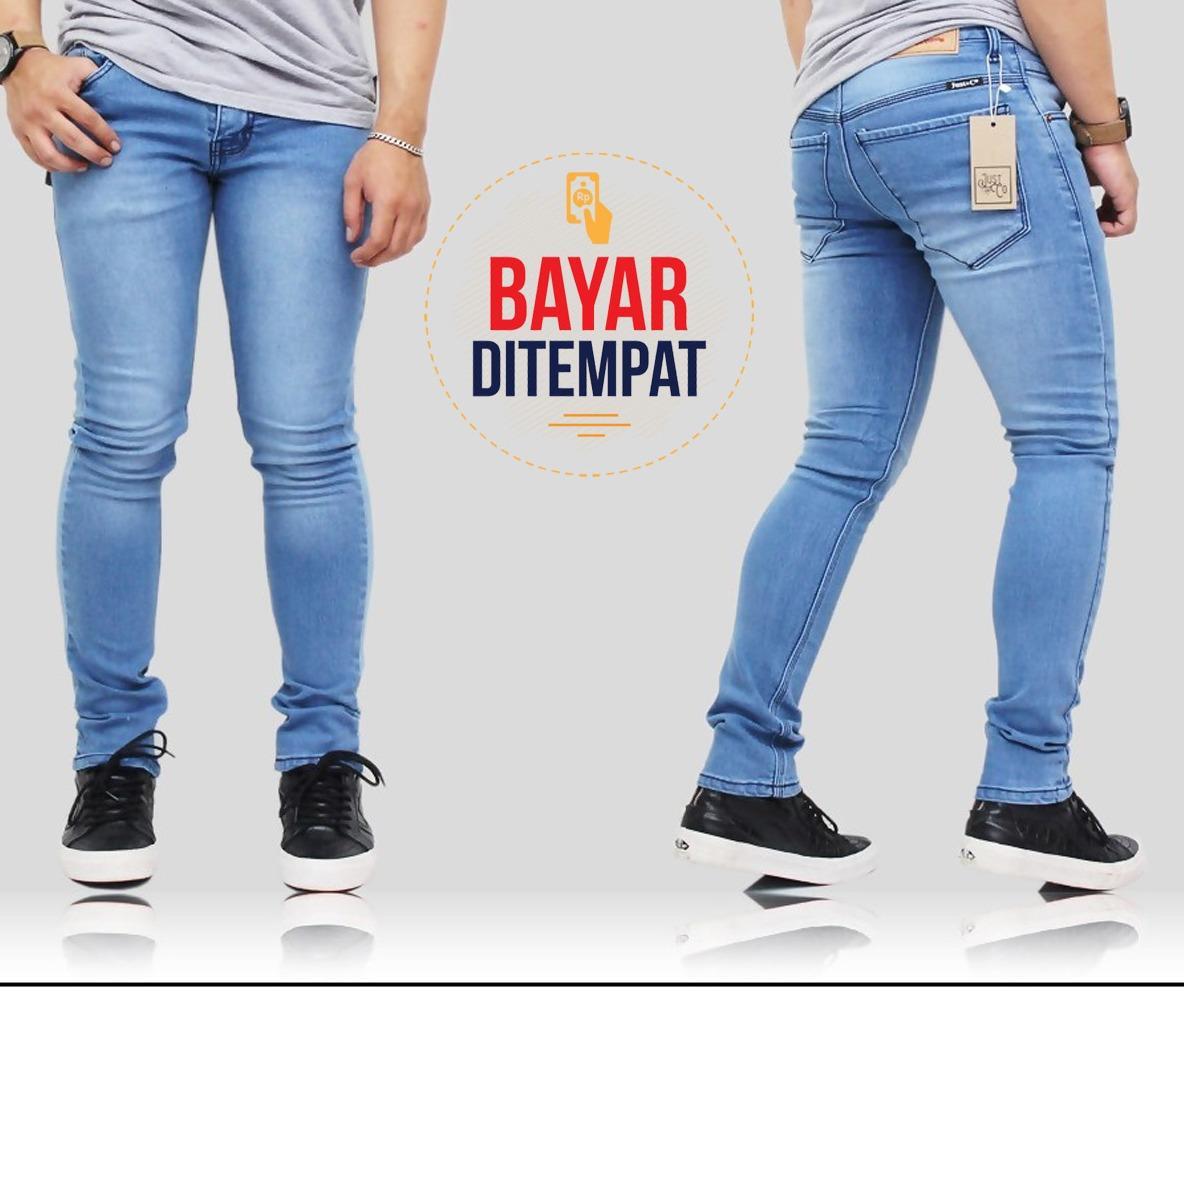 Celana Jeans Denim Pria Skinyfit Terbaru - Birumuda washing